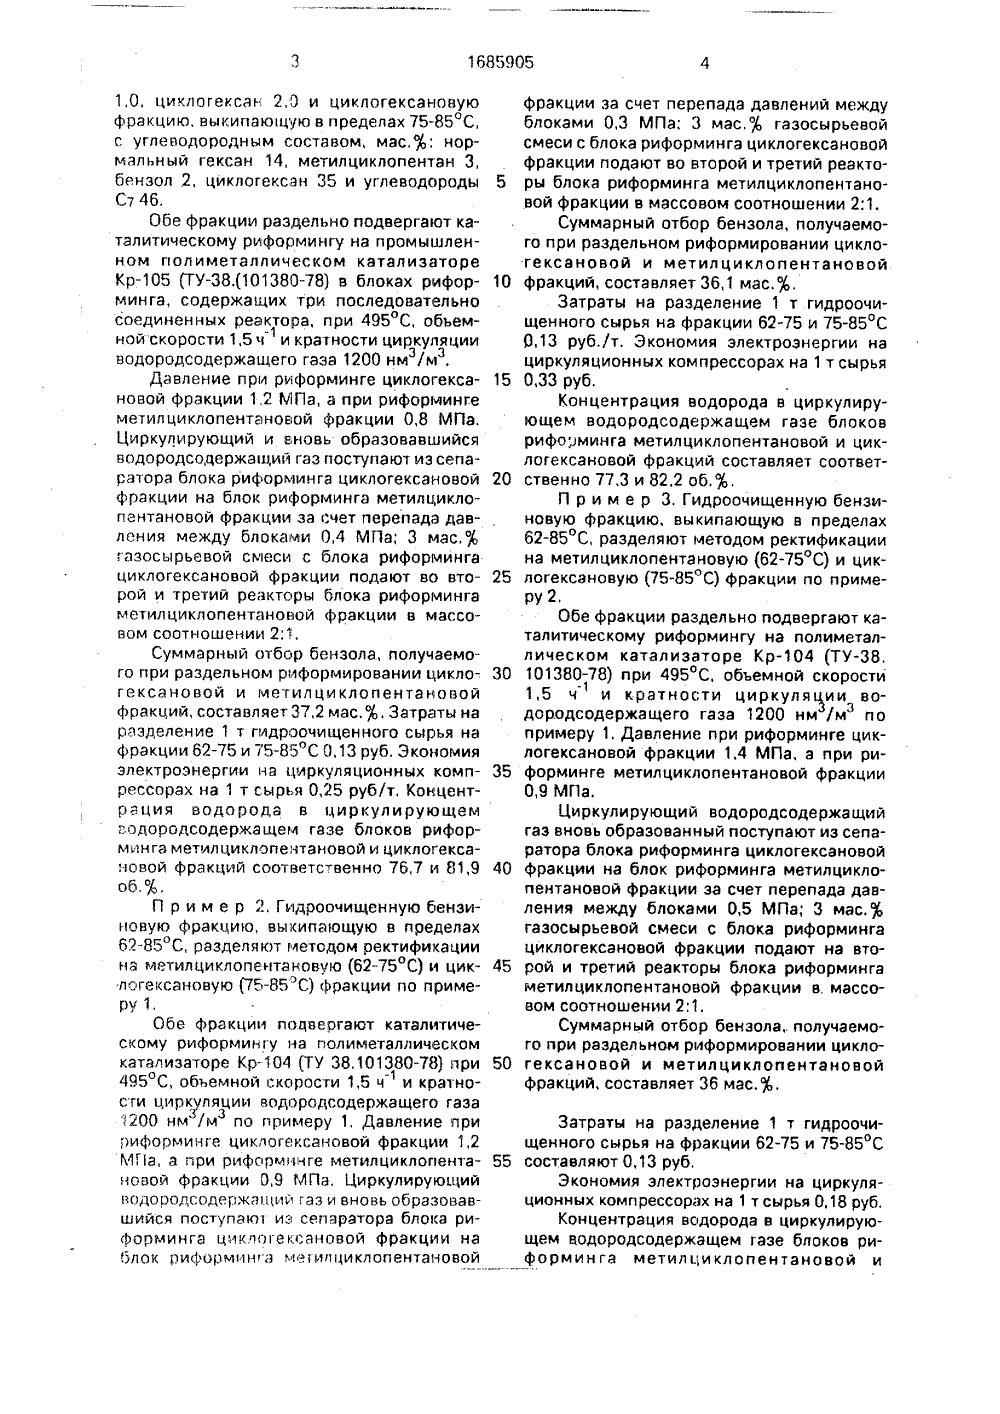 схема получения бензола каталитическим риформингом